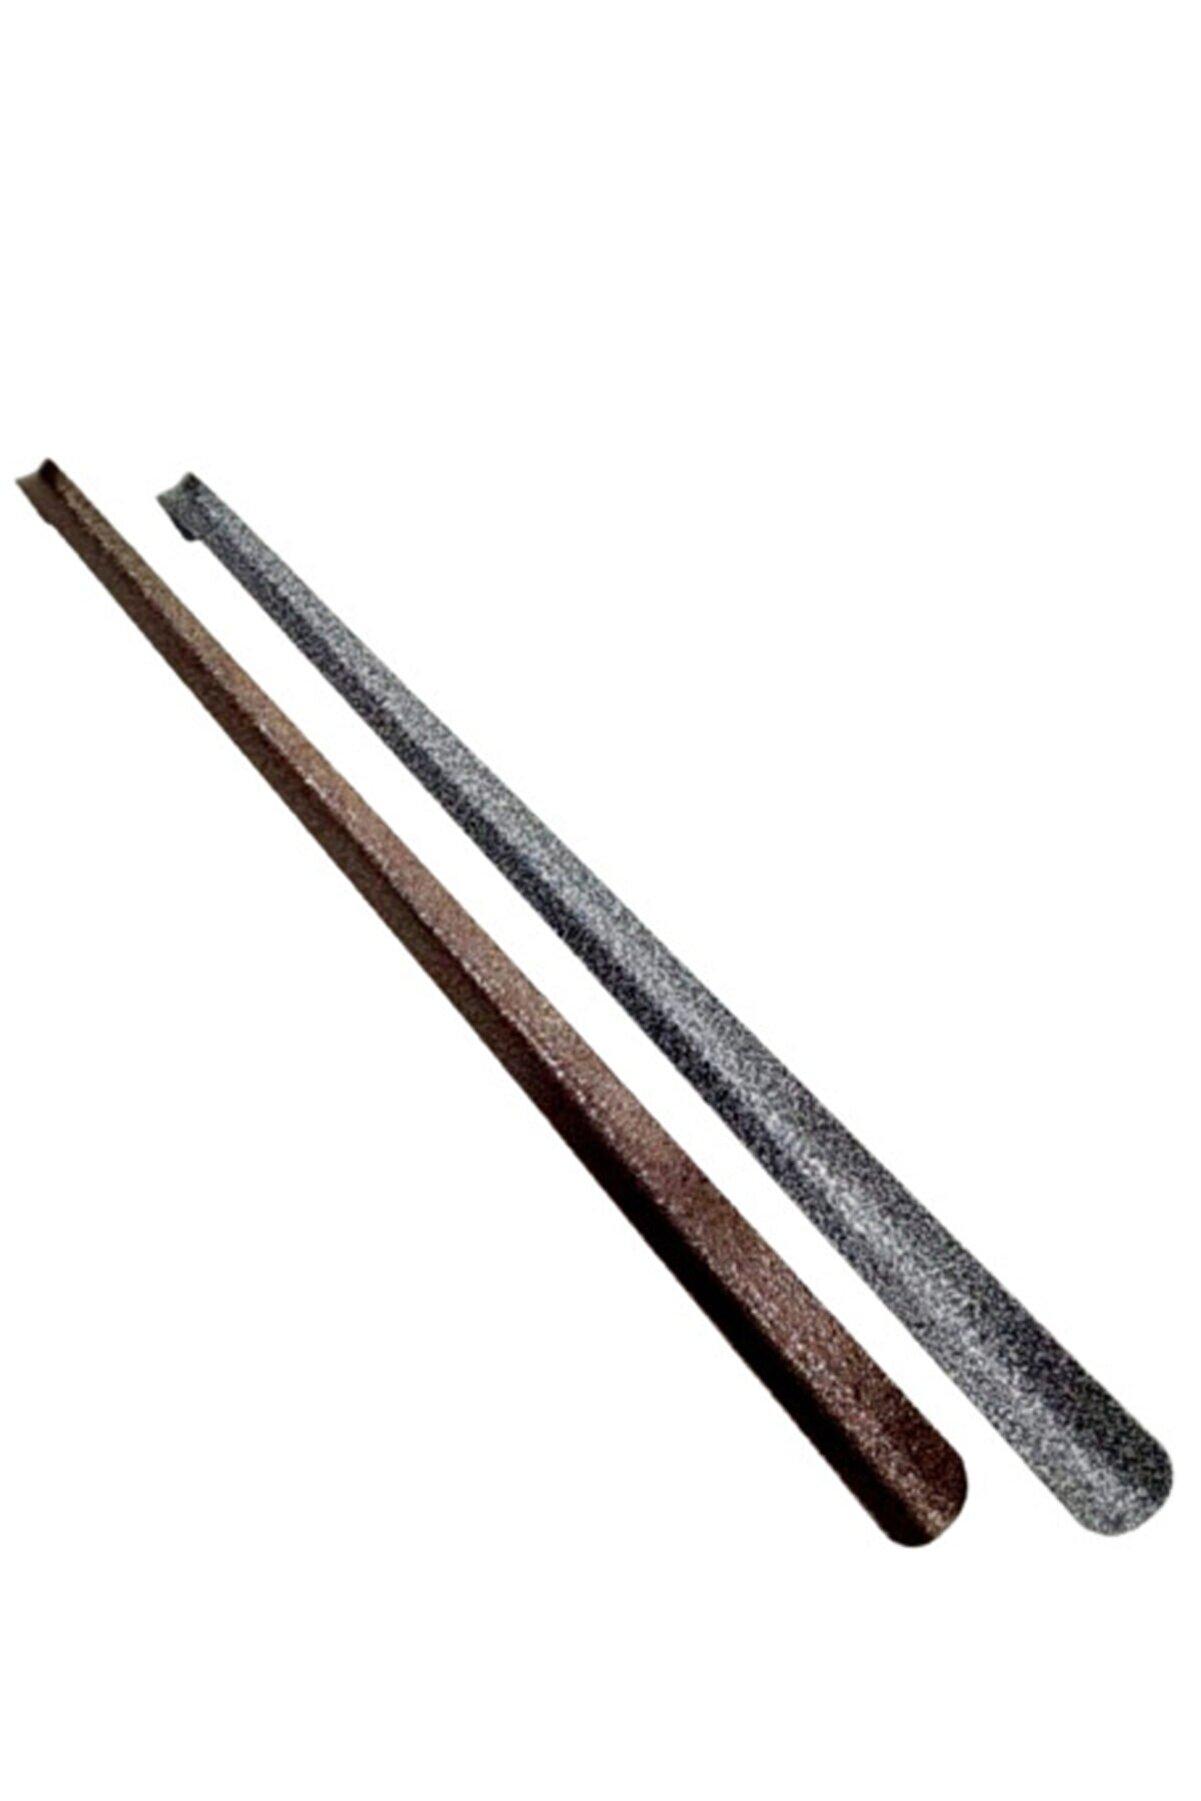 Step Kalın Demirden Imal Edilmiş Ömürlük Metal Çekecek Kerata Gri Renk 65cm